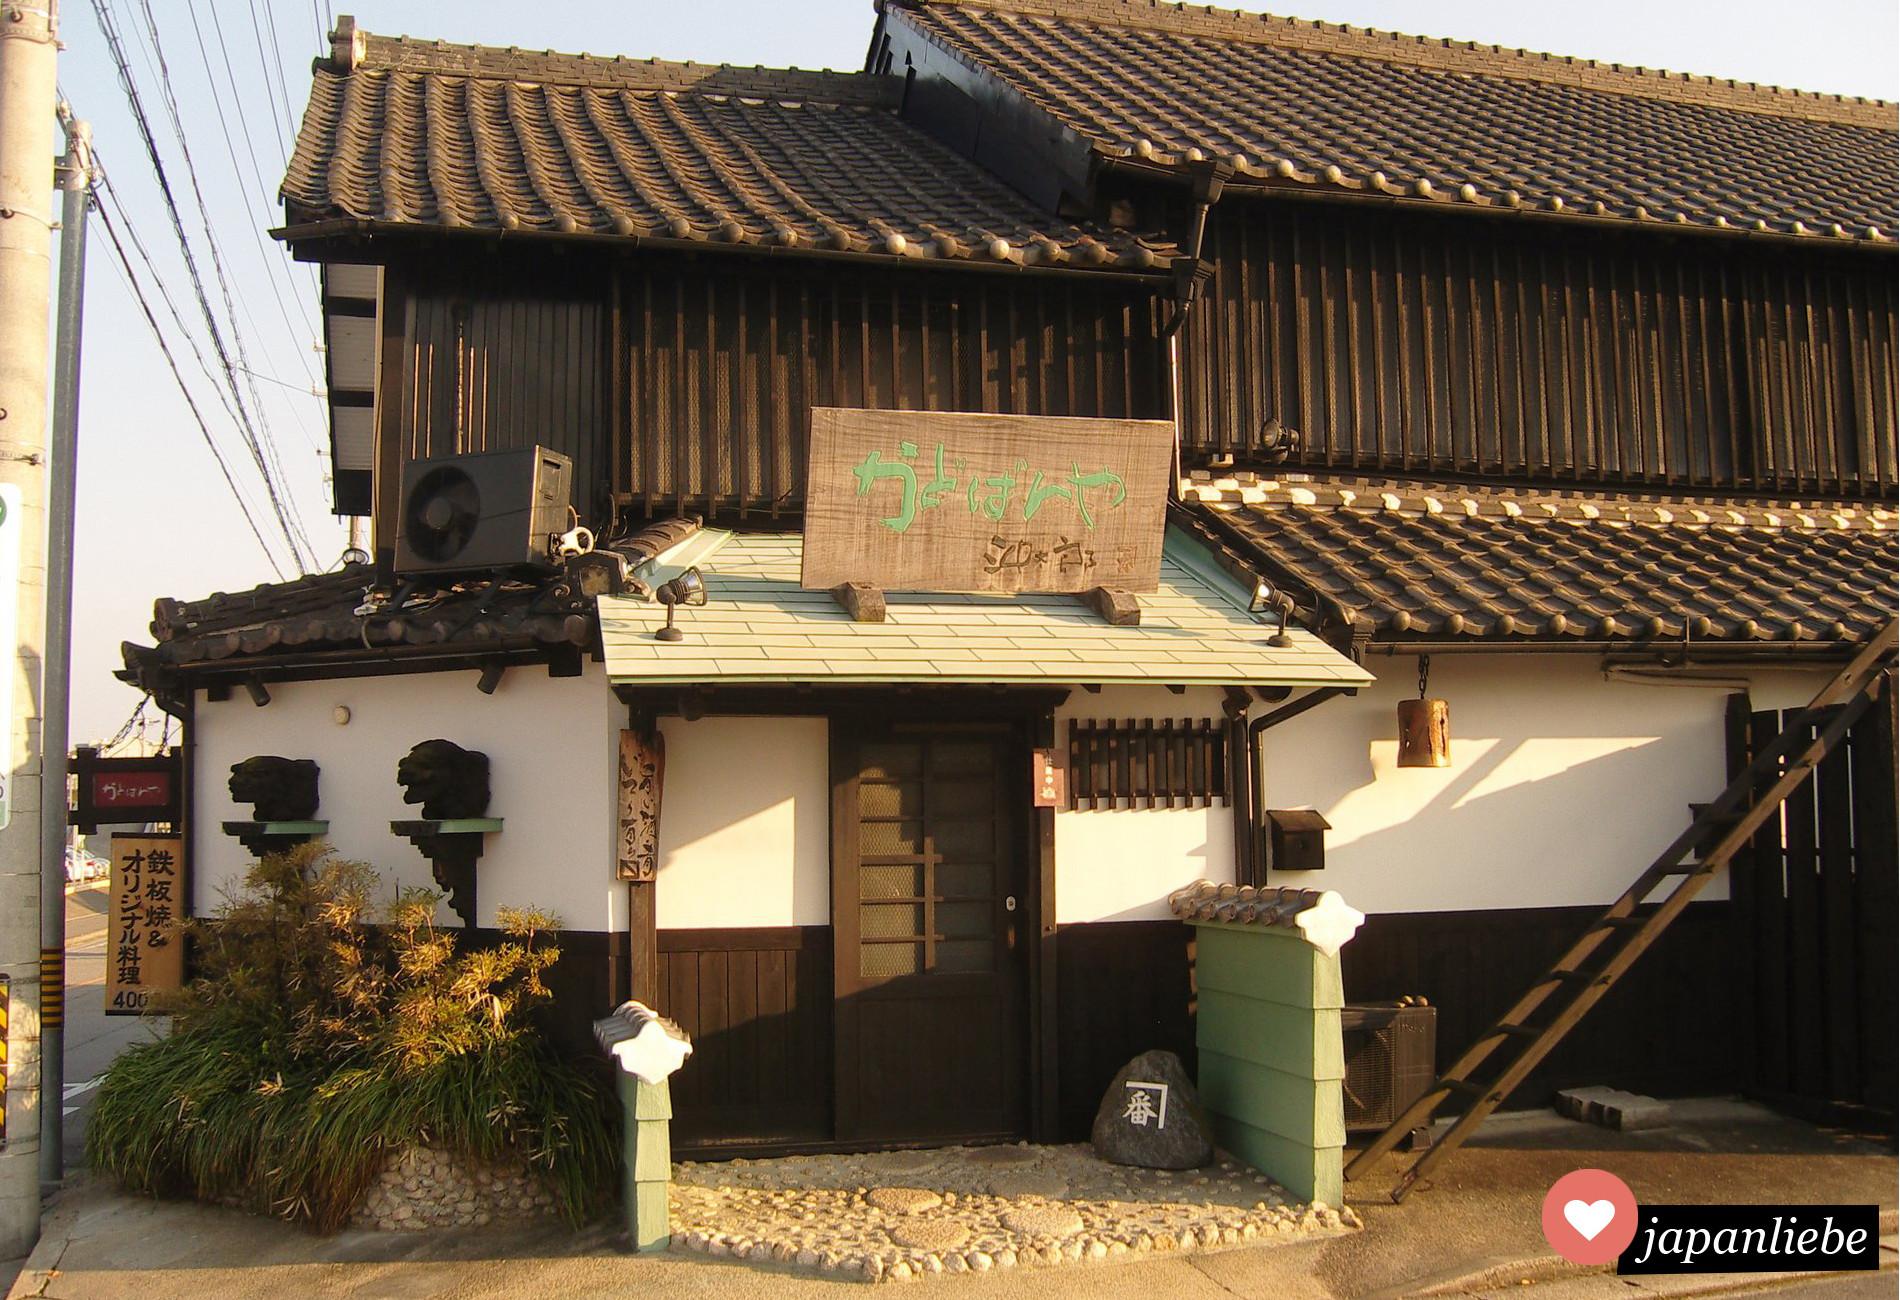 Japanisches haus japanisches haus und garten lizenzfreie for Das japanische wohnhaus